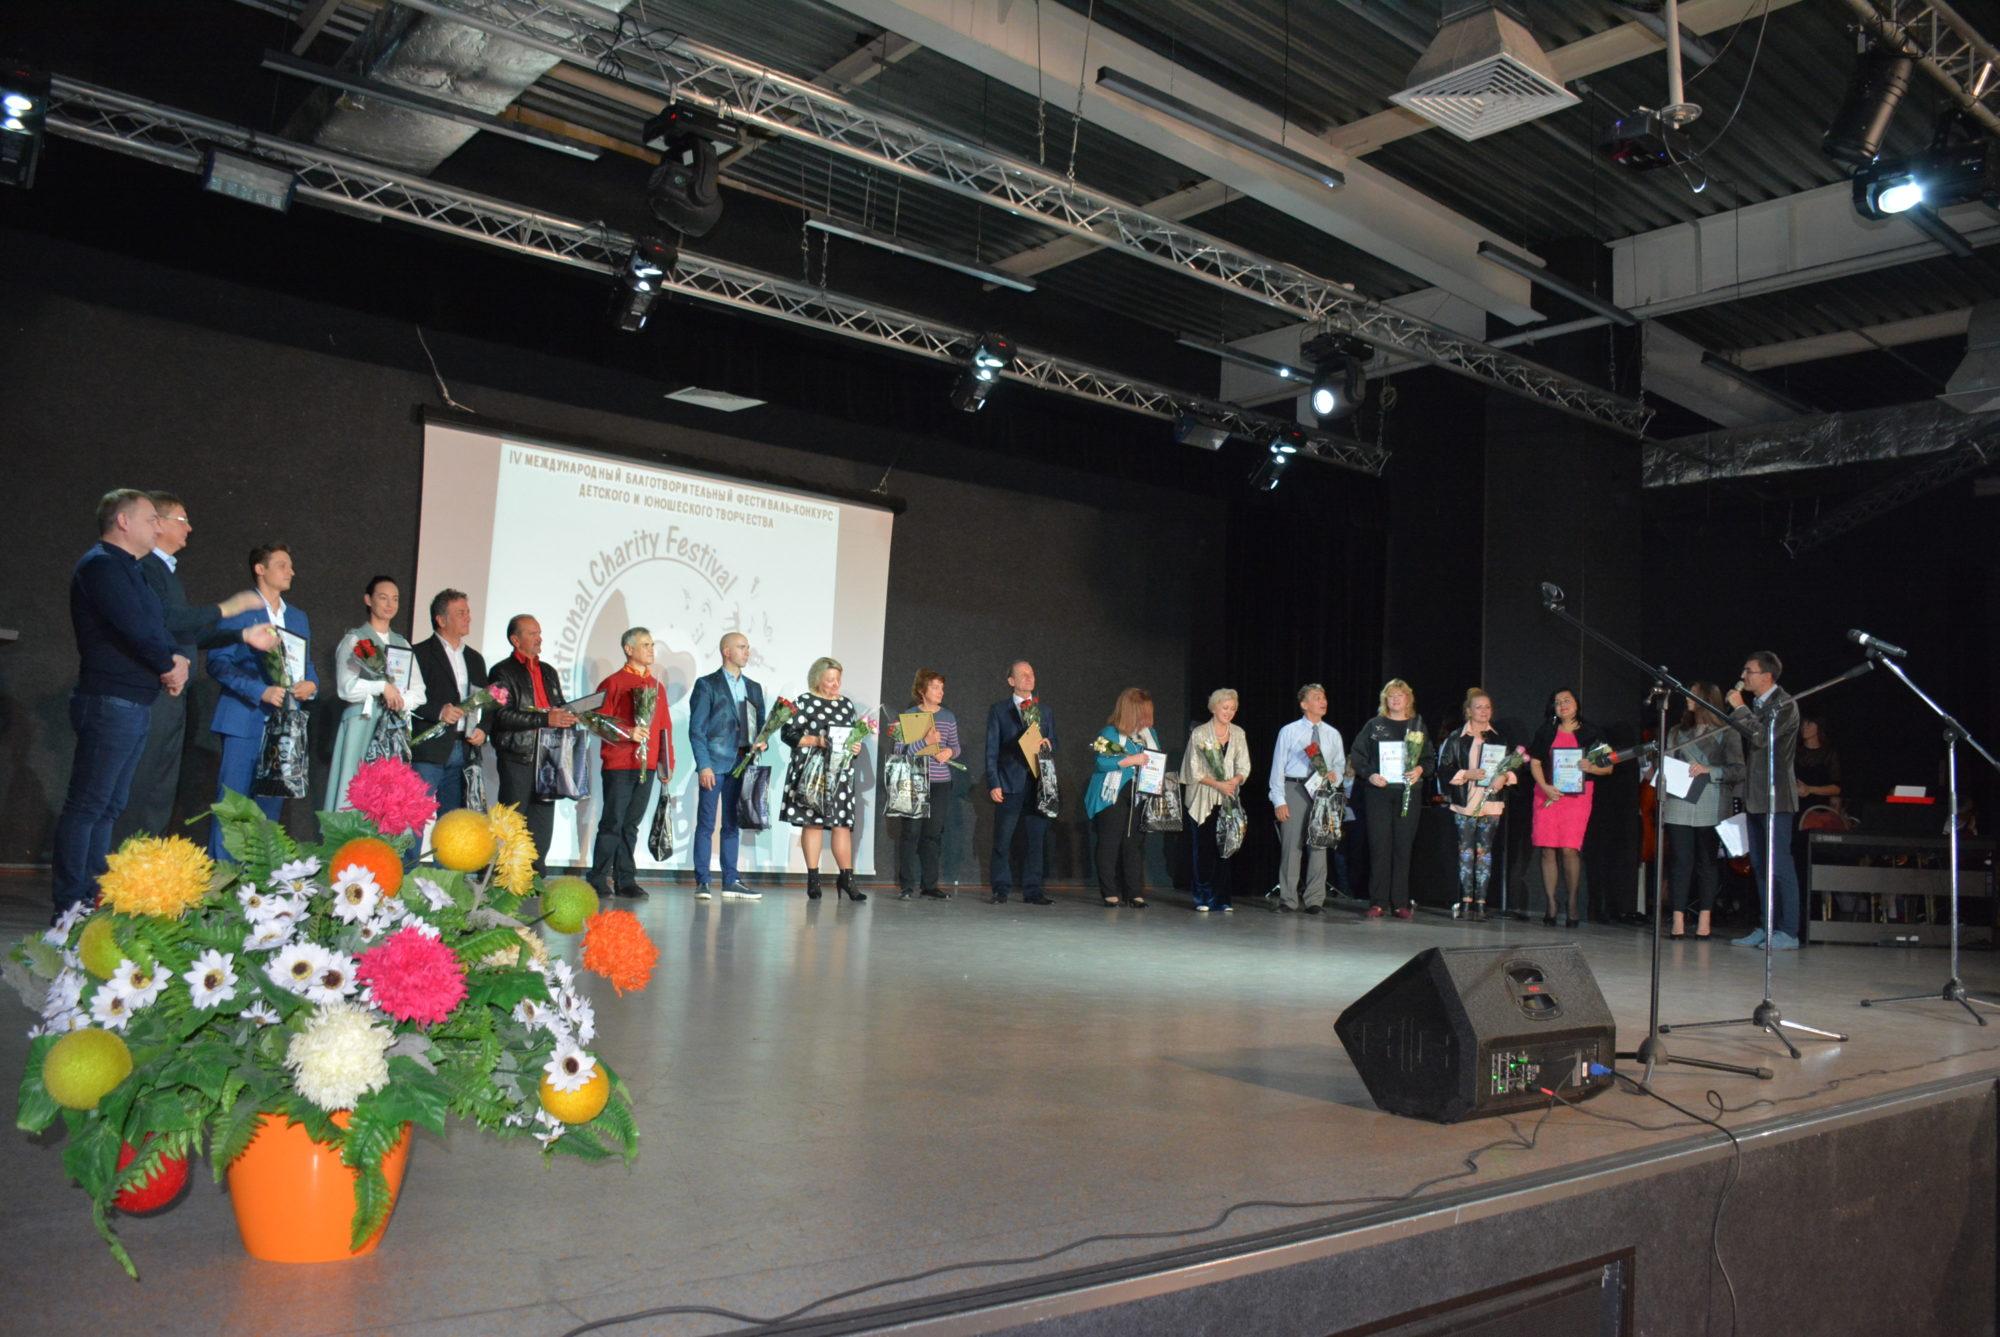 Міжнародний благодійний фестиваль-конкурс дитячої та юнацької творчості «Inna-Brovary» в Броварах -  - DSC 5054 2000x1337